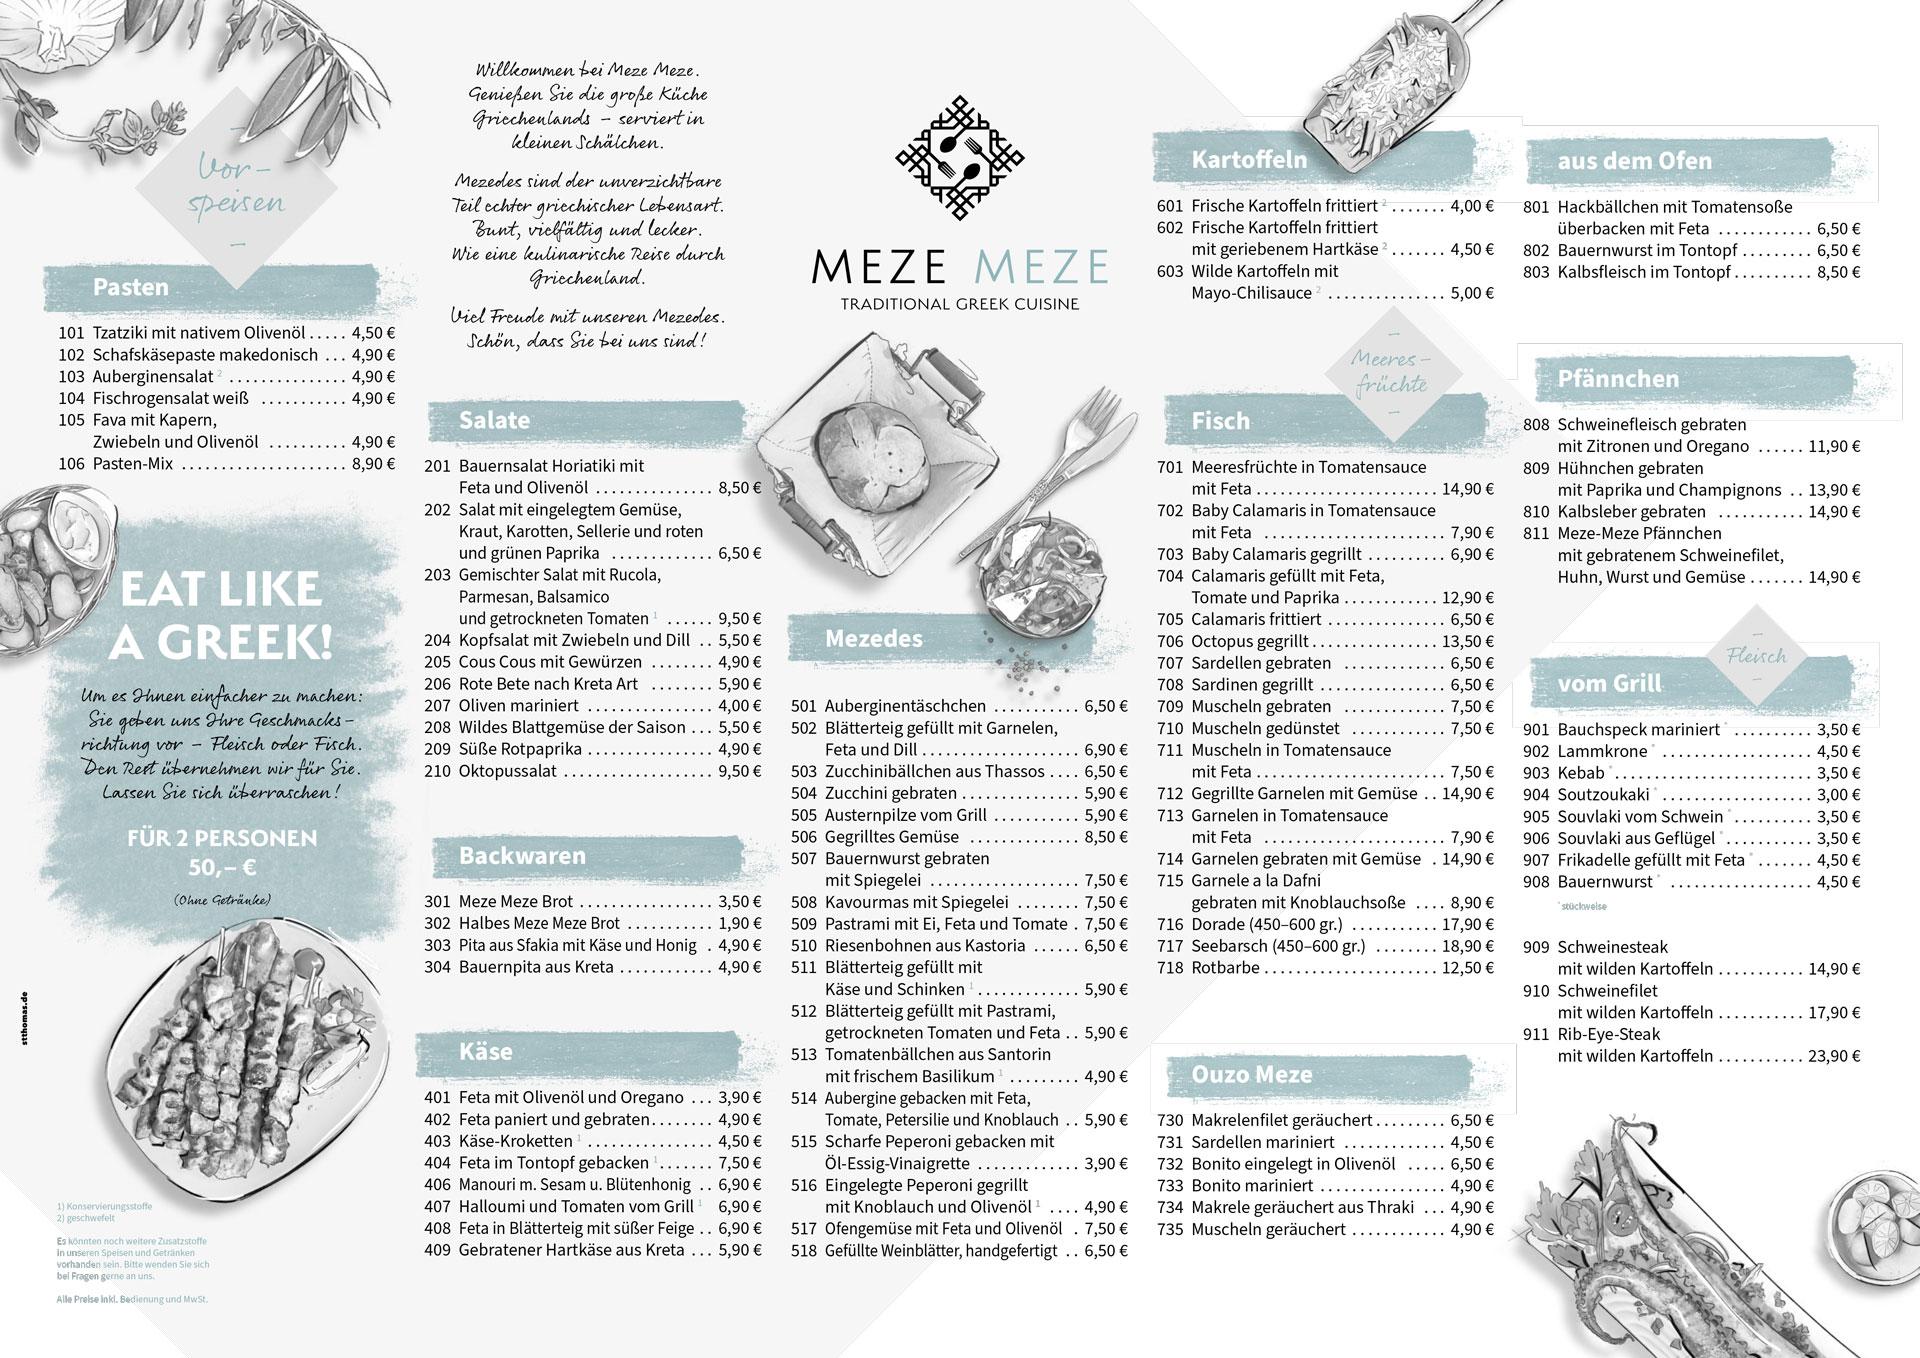 Speisekarte von Meze Meze